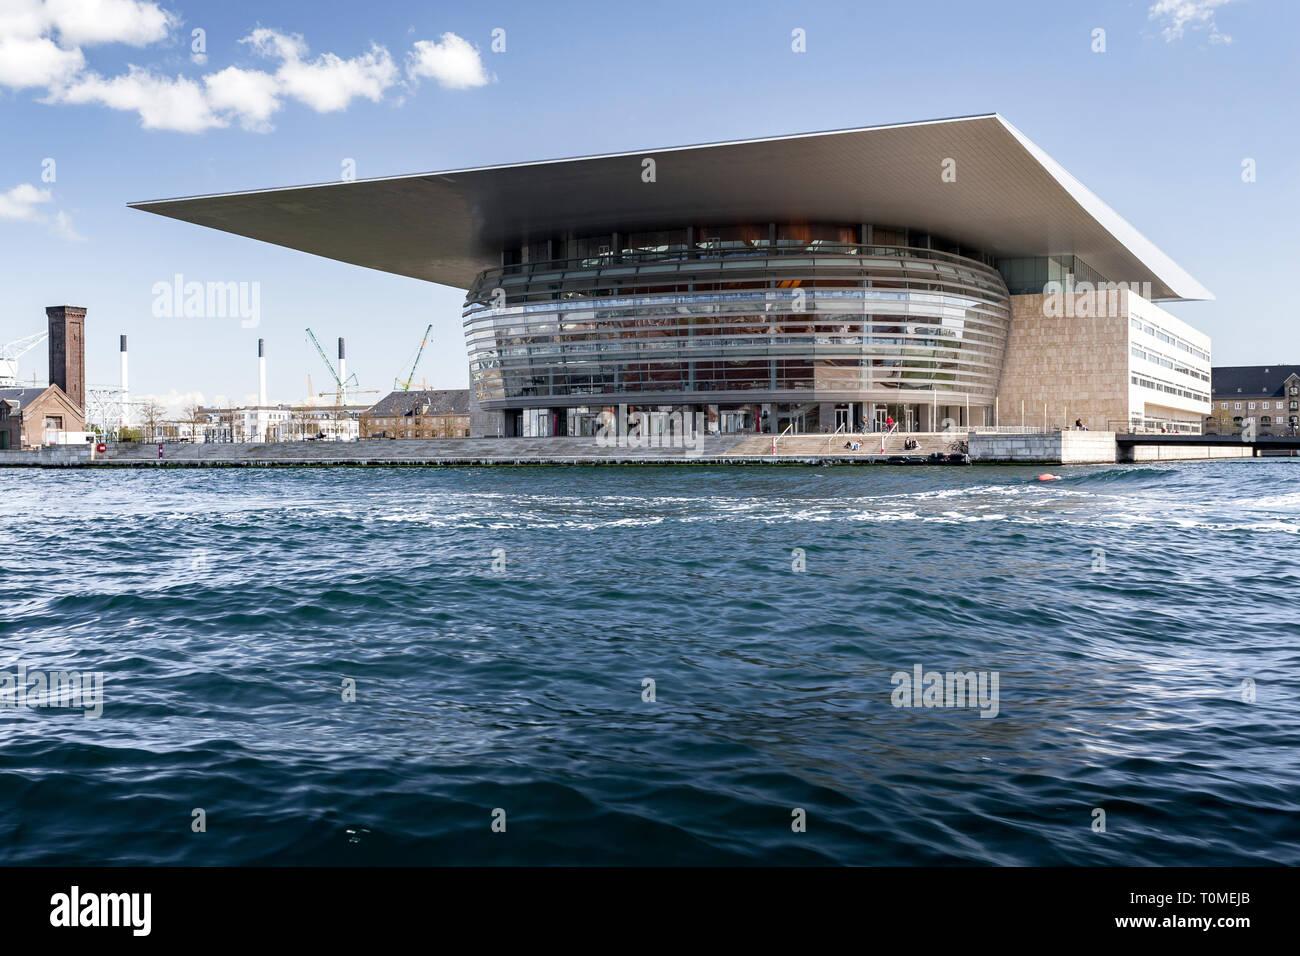 Royal Opera House, à l'Opéra National le canal interne, construit par Henning Larsen, Holmen, Copenhague, Danemark Banque D'Images